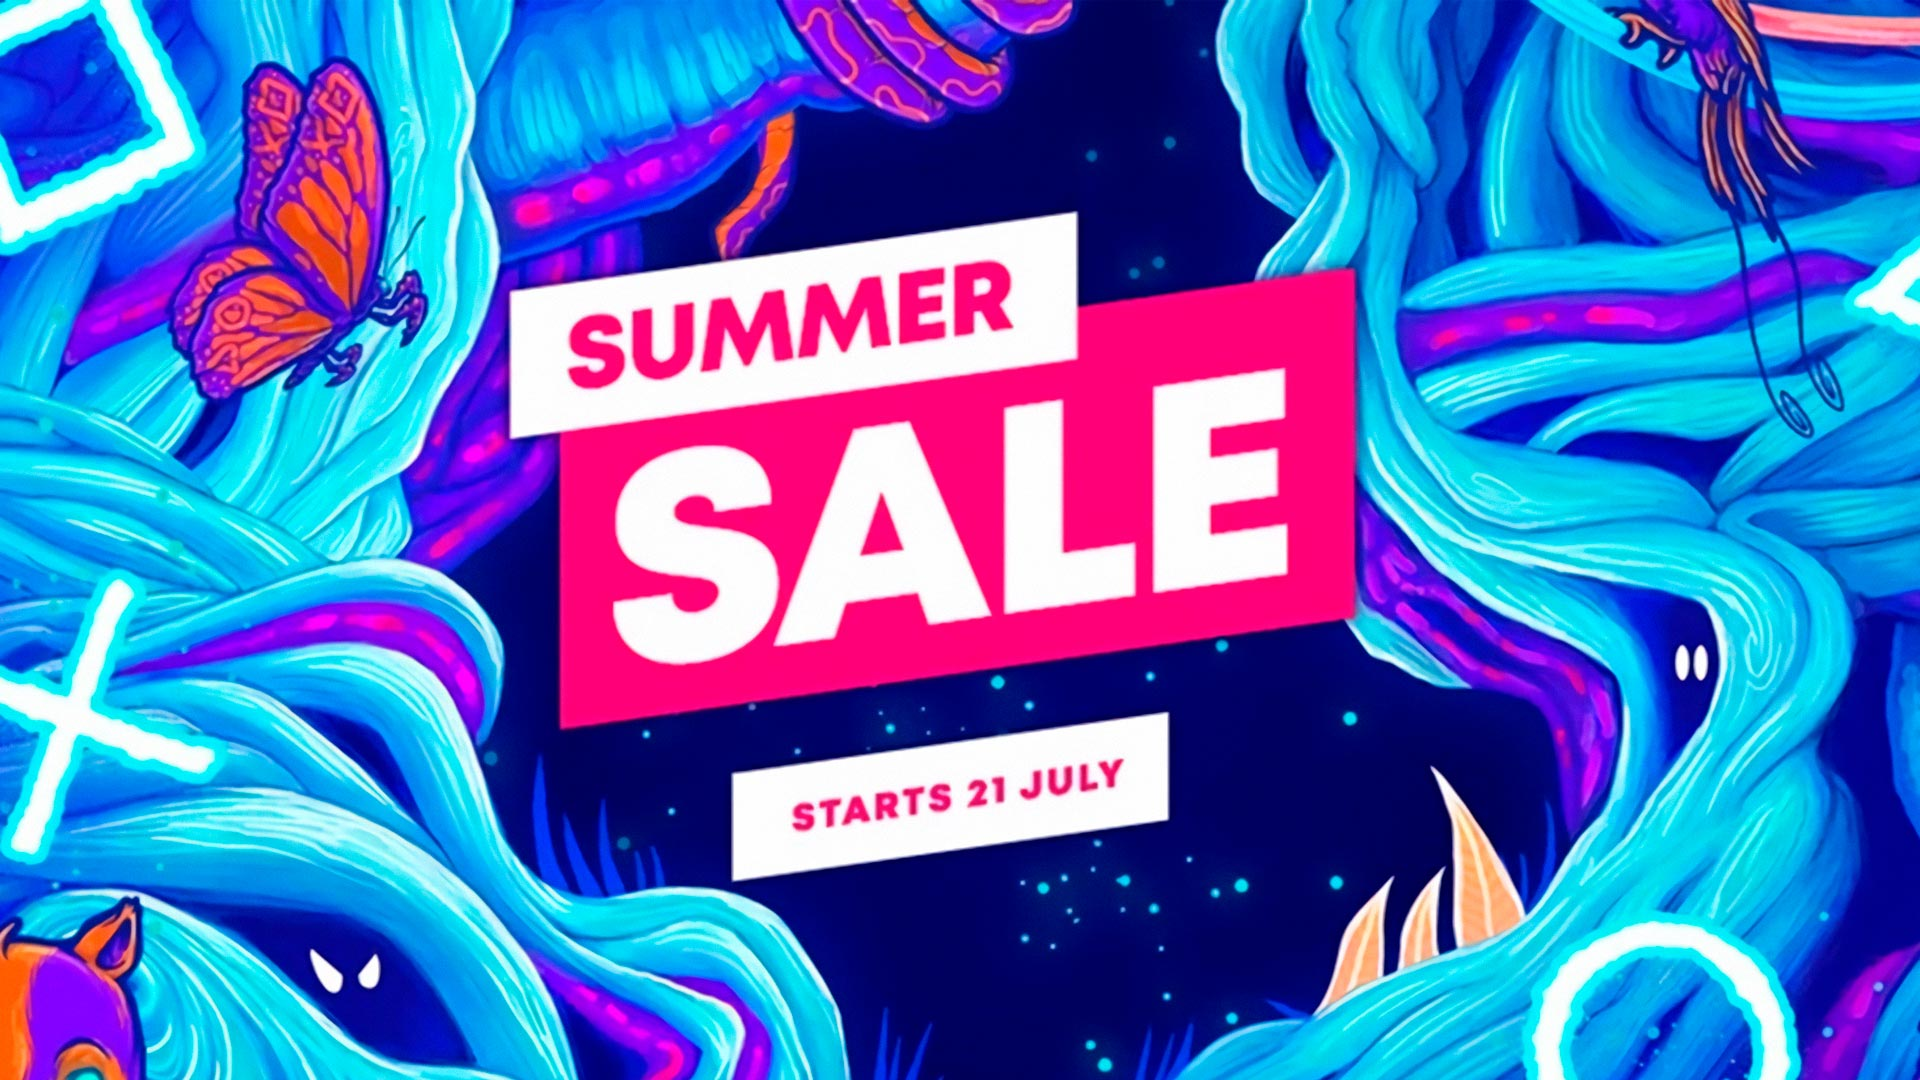 A PlayStation Blog anunciou hoje que a Summer Sale começou, com isso, vamos ver diversos jogos para PS4 e PS5 a preços mais baixos.